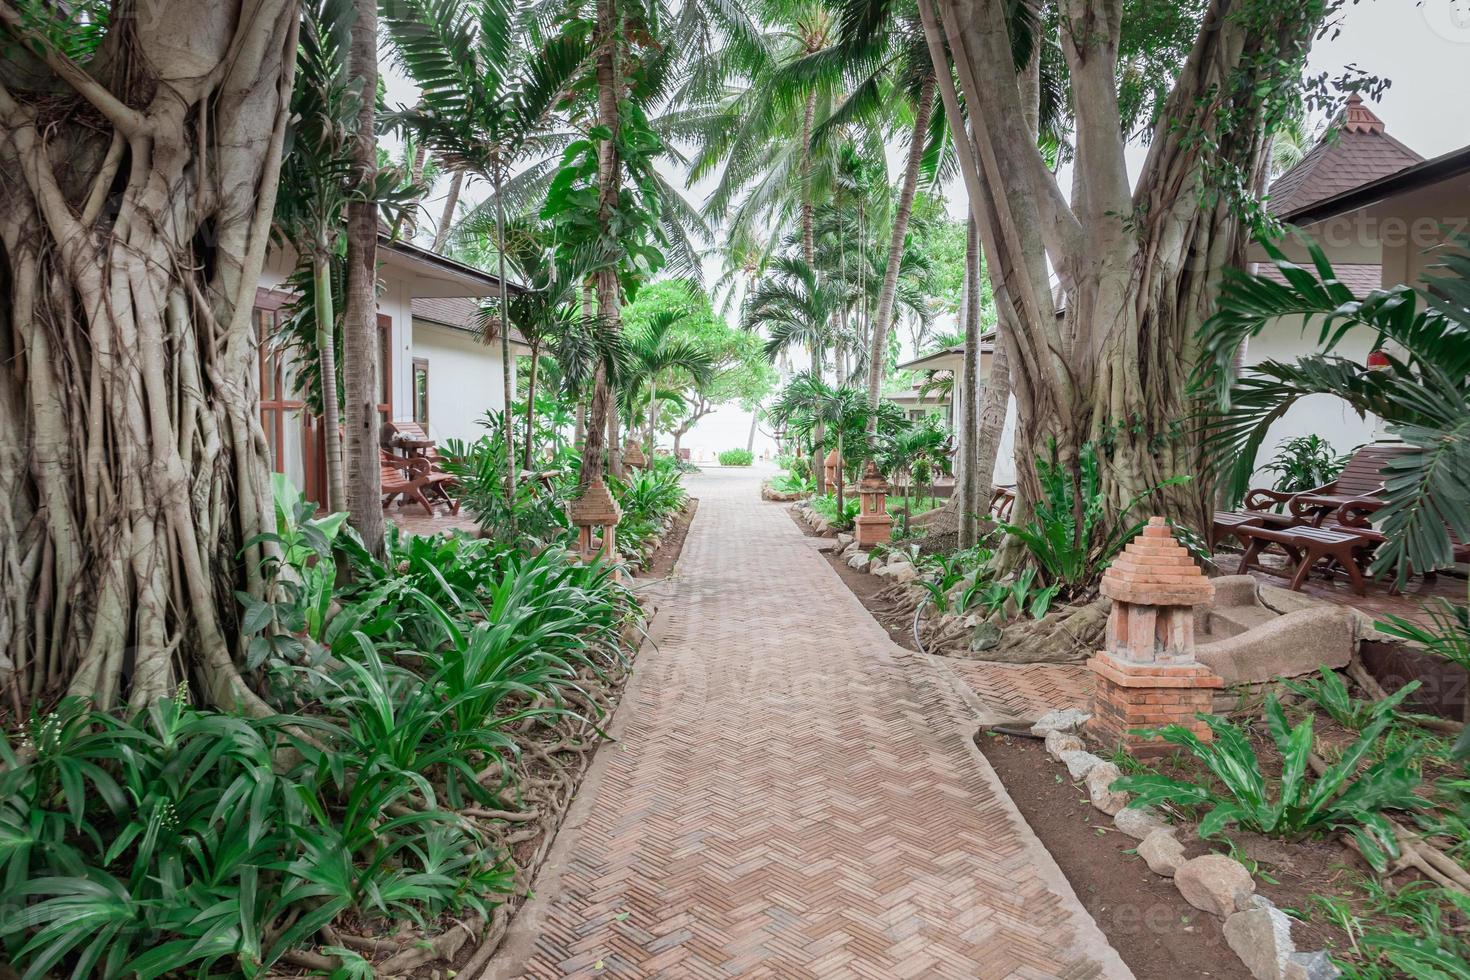 jardim tropical e o caminho para a praia do mar foto